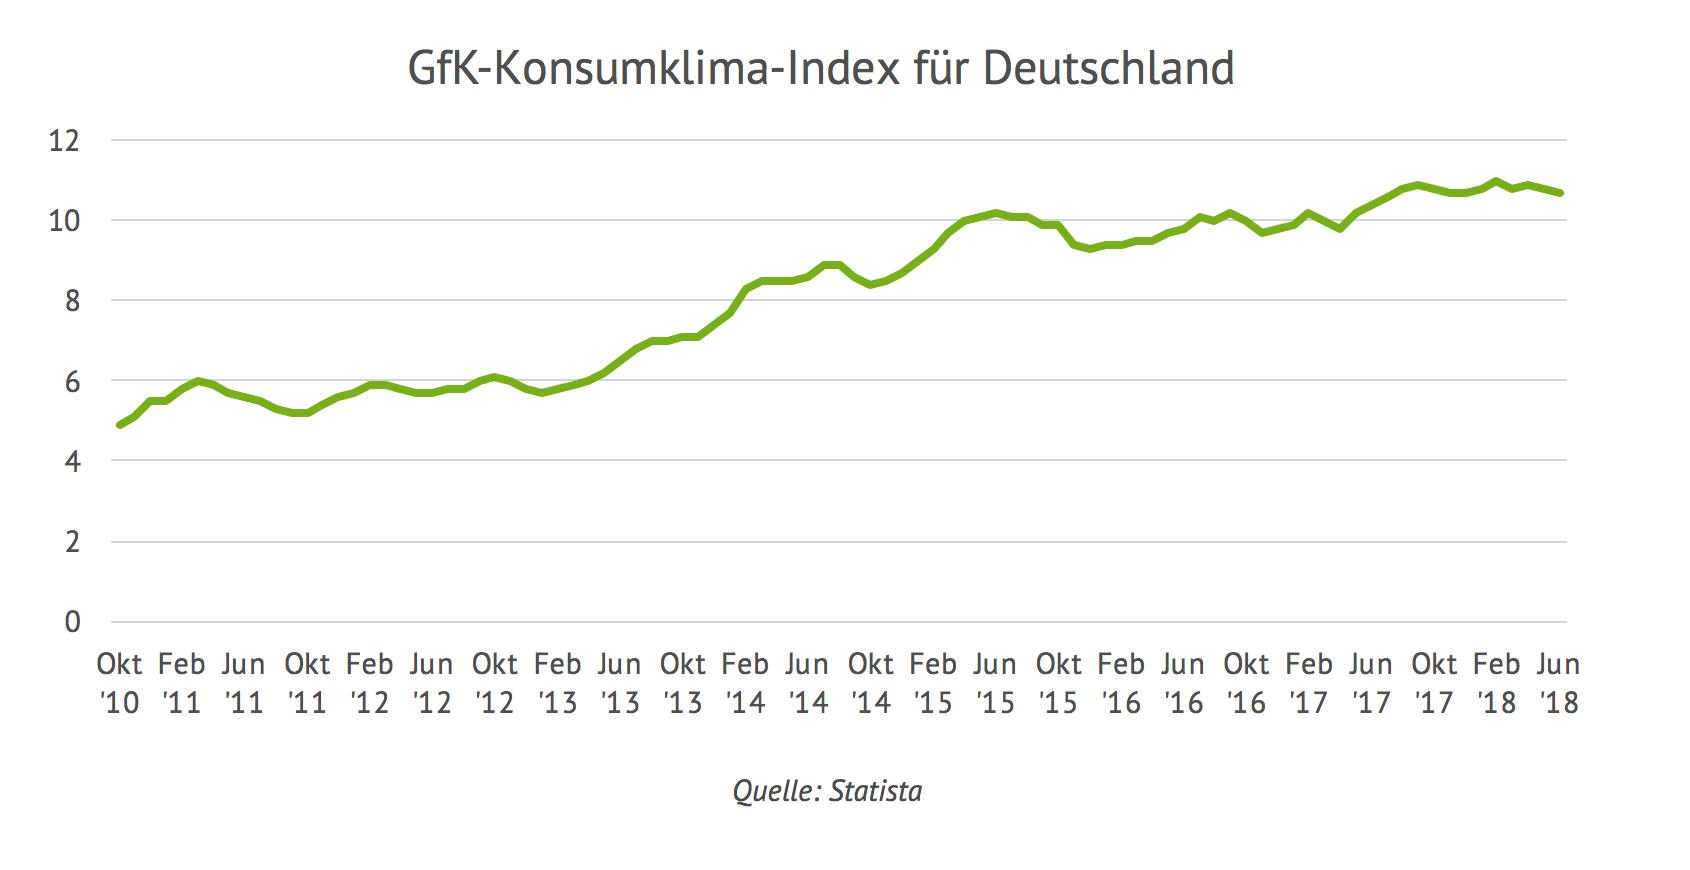 GFK Konsumklimaindex für Deutschland